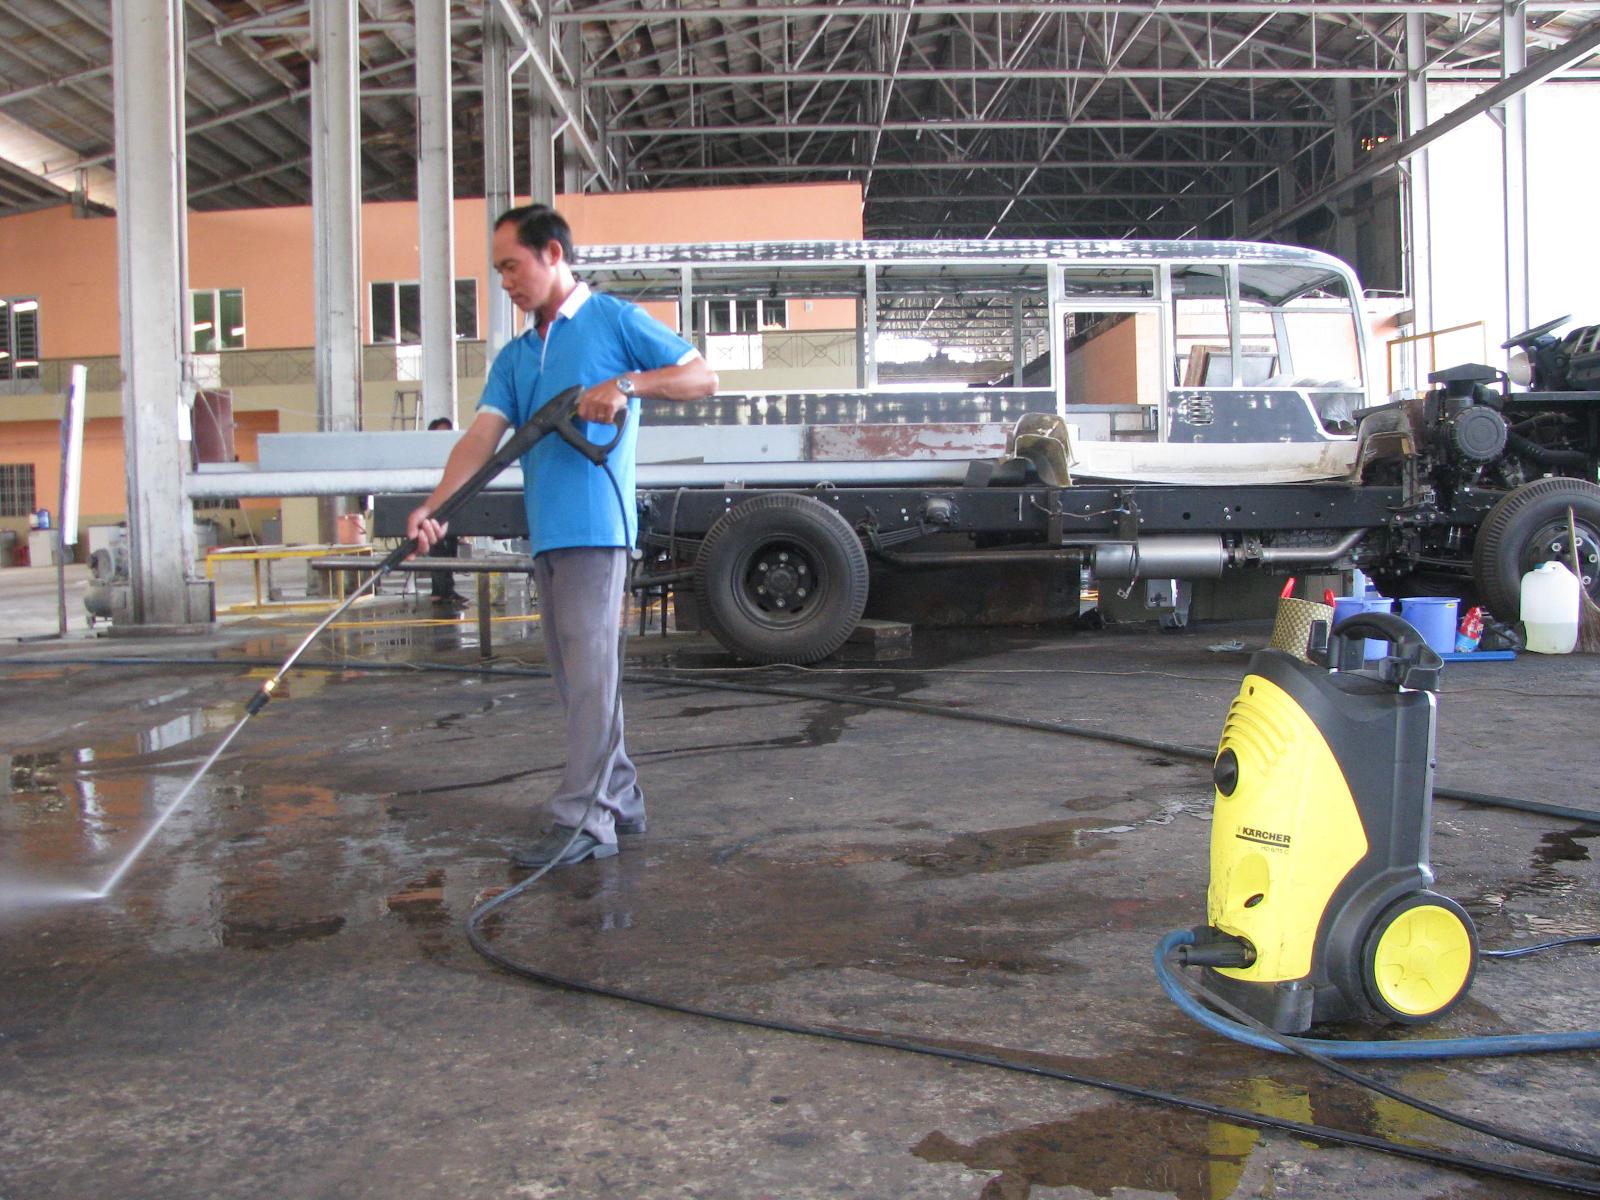 Nhà xưởng sạch sẽ giúp sức khỏe công nhân được đảm bảo